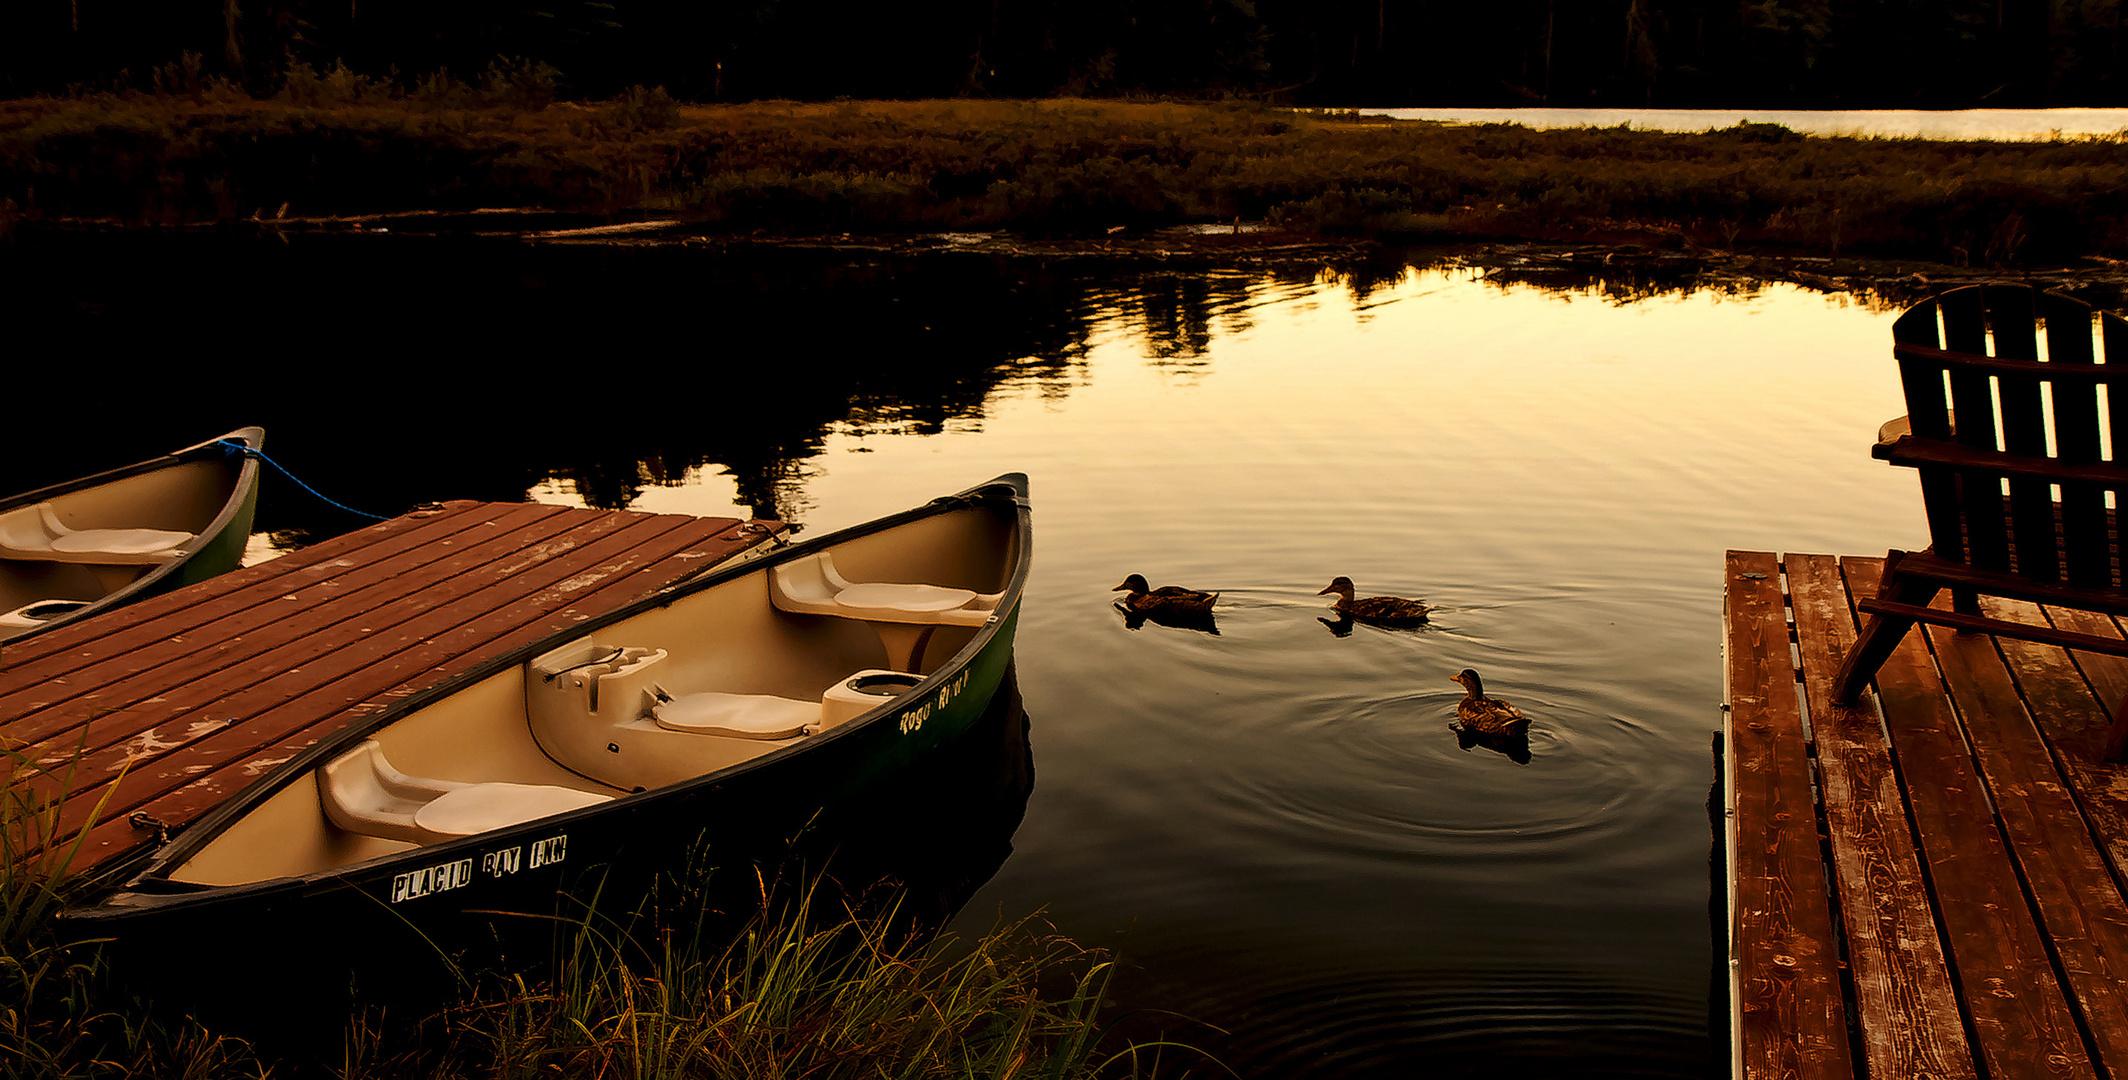 Lake Placid ducks